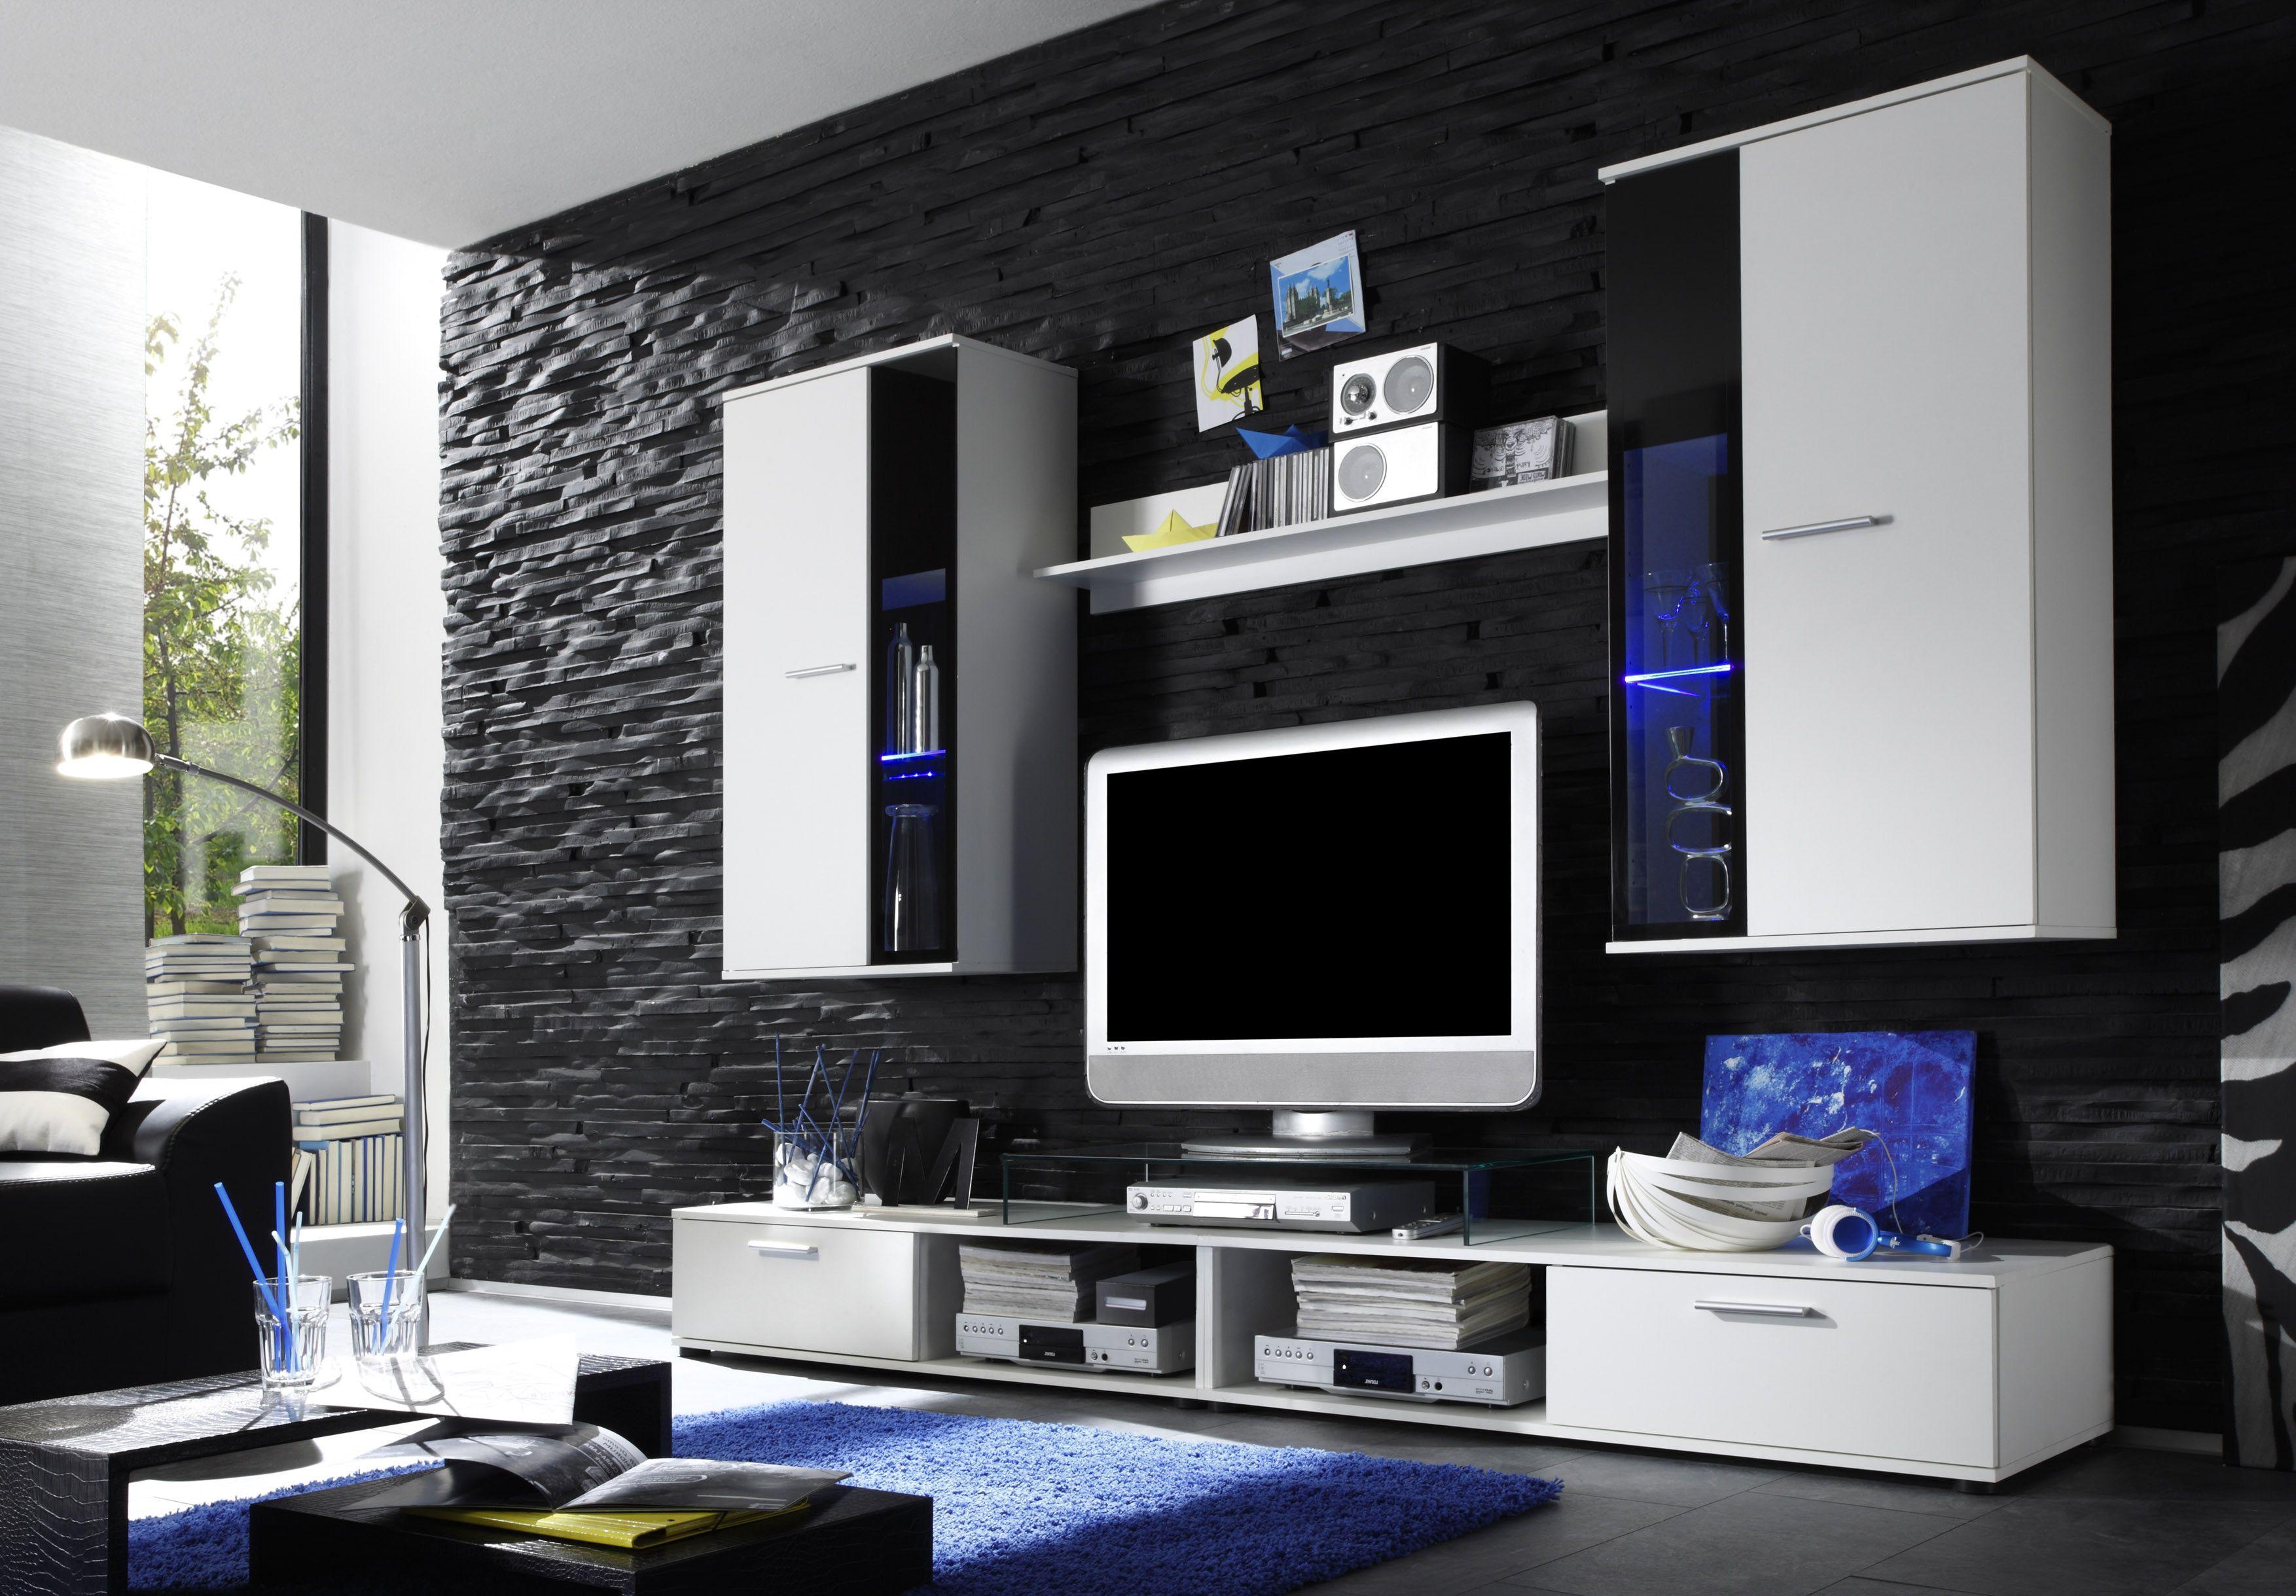 Wohnwand hängend modern schwarz  Wohnwand In Weiß/ Abs. Schwarz Inkl. Beleuchtung Woody 93-00142 ...